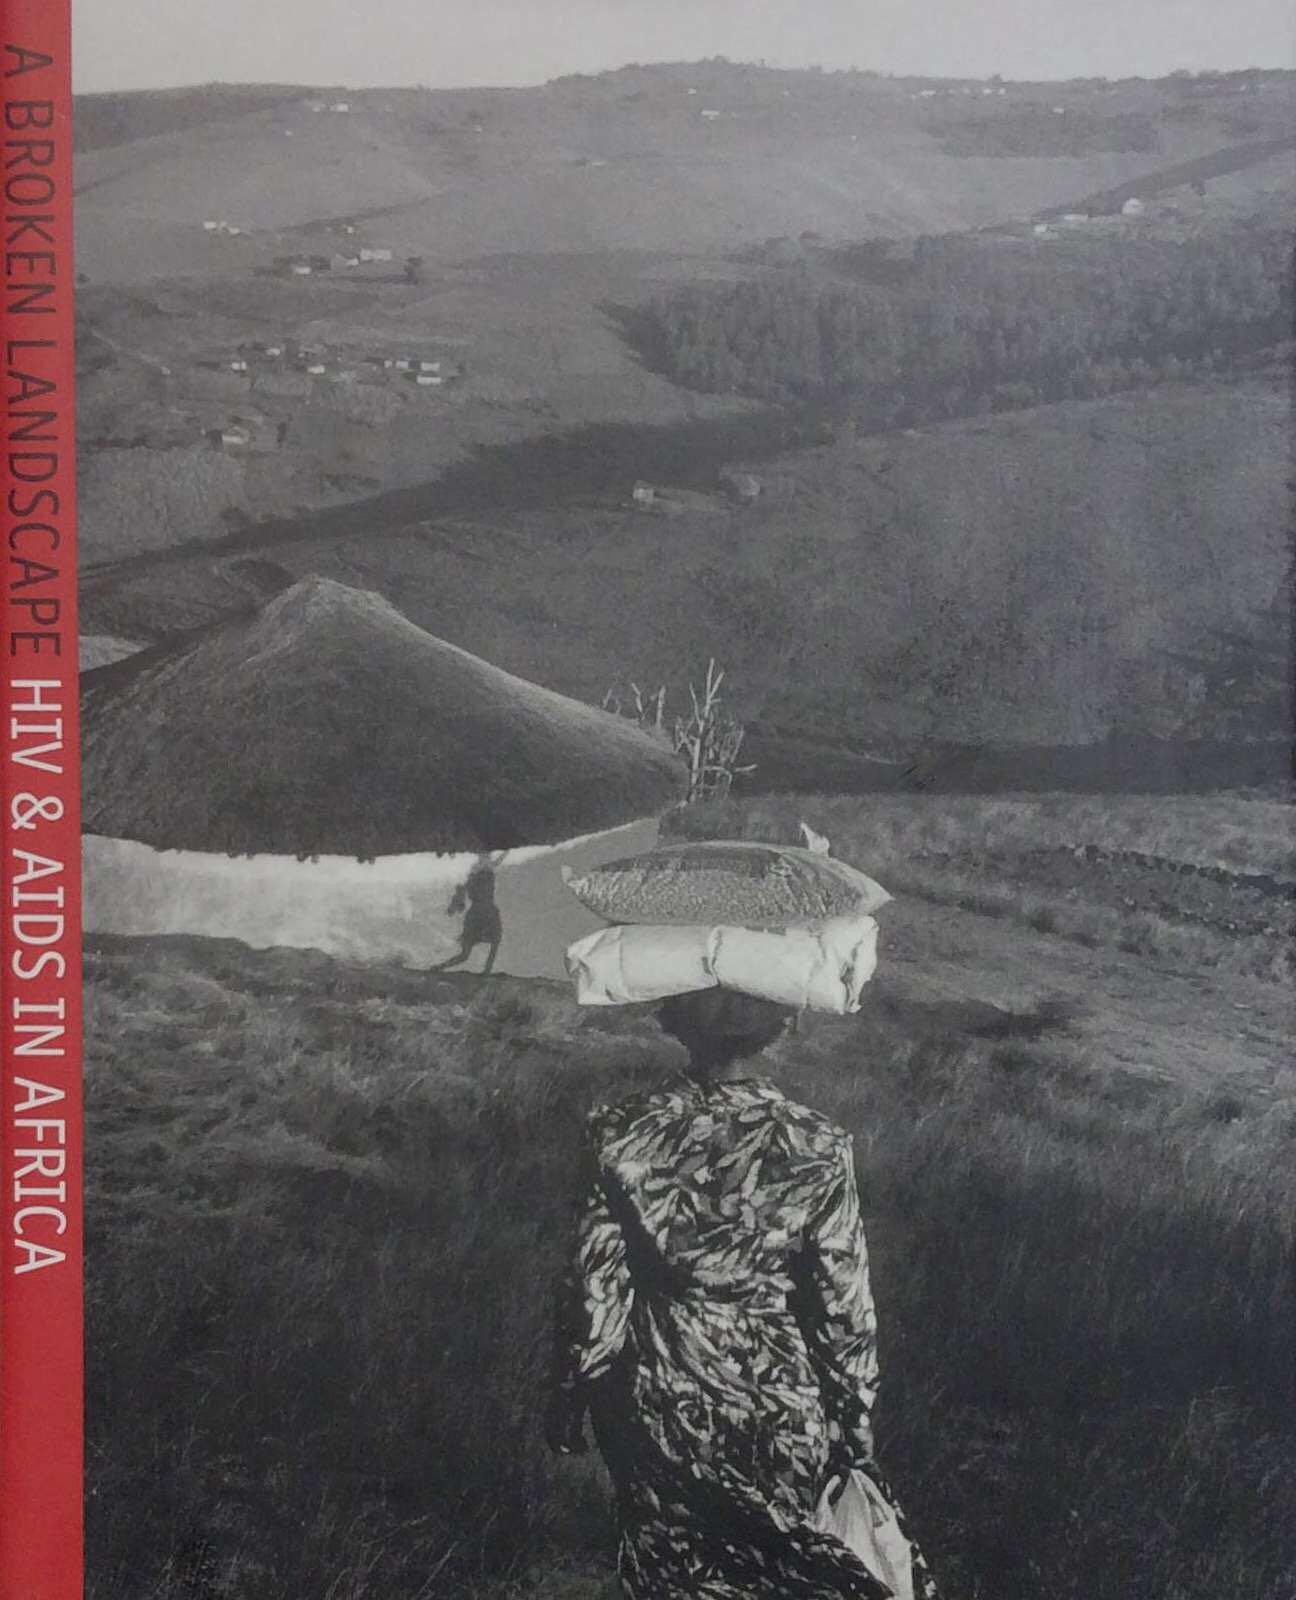 Mendel, Gideon. A Broken Landscape